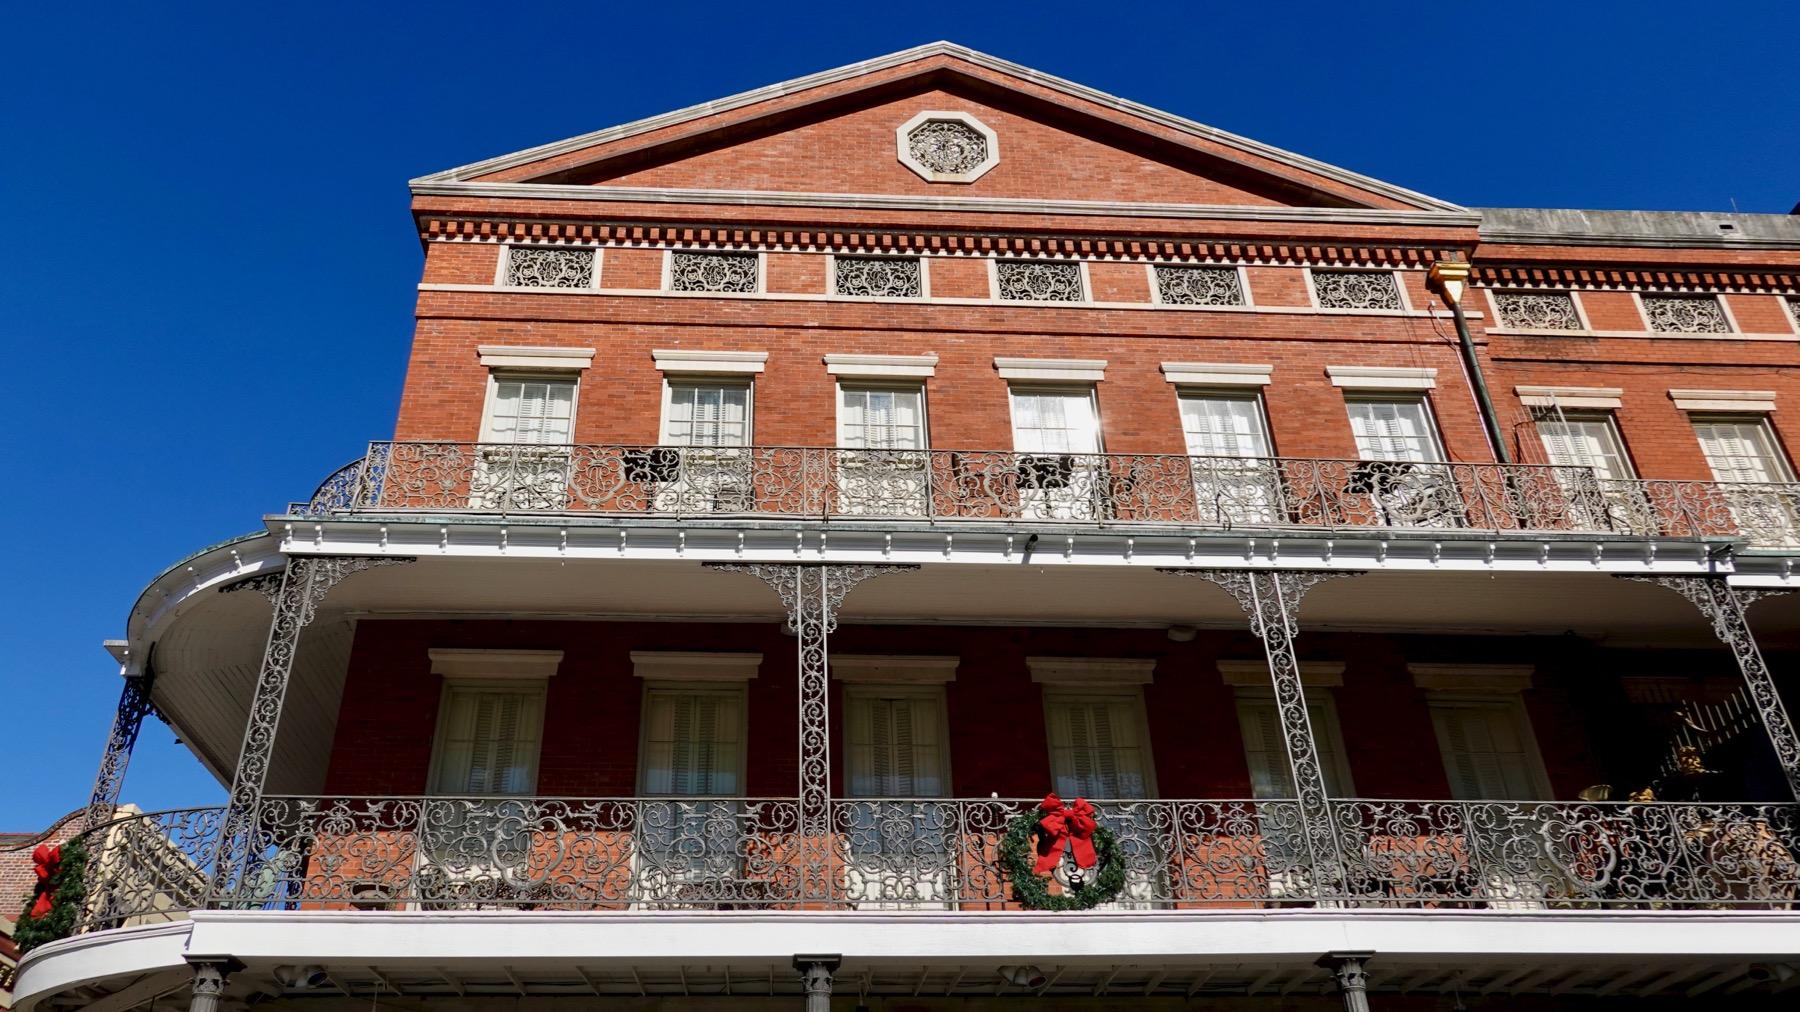 NO balconies two Tier